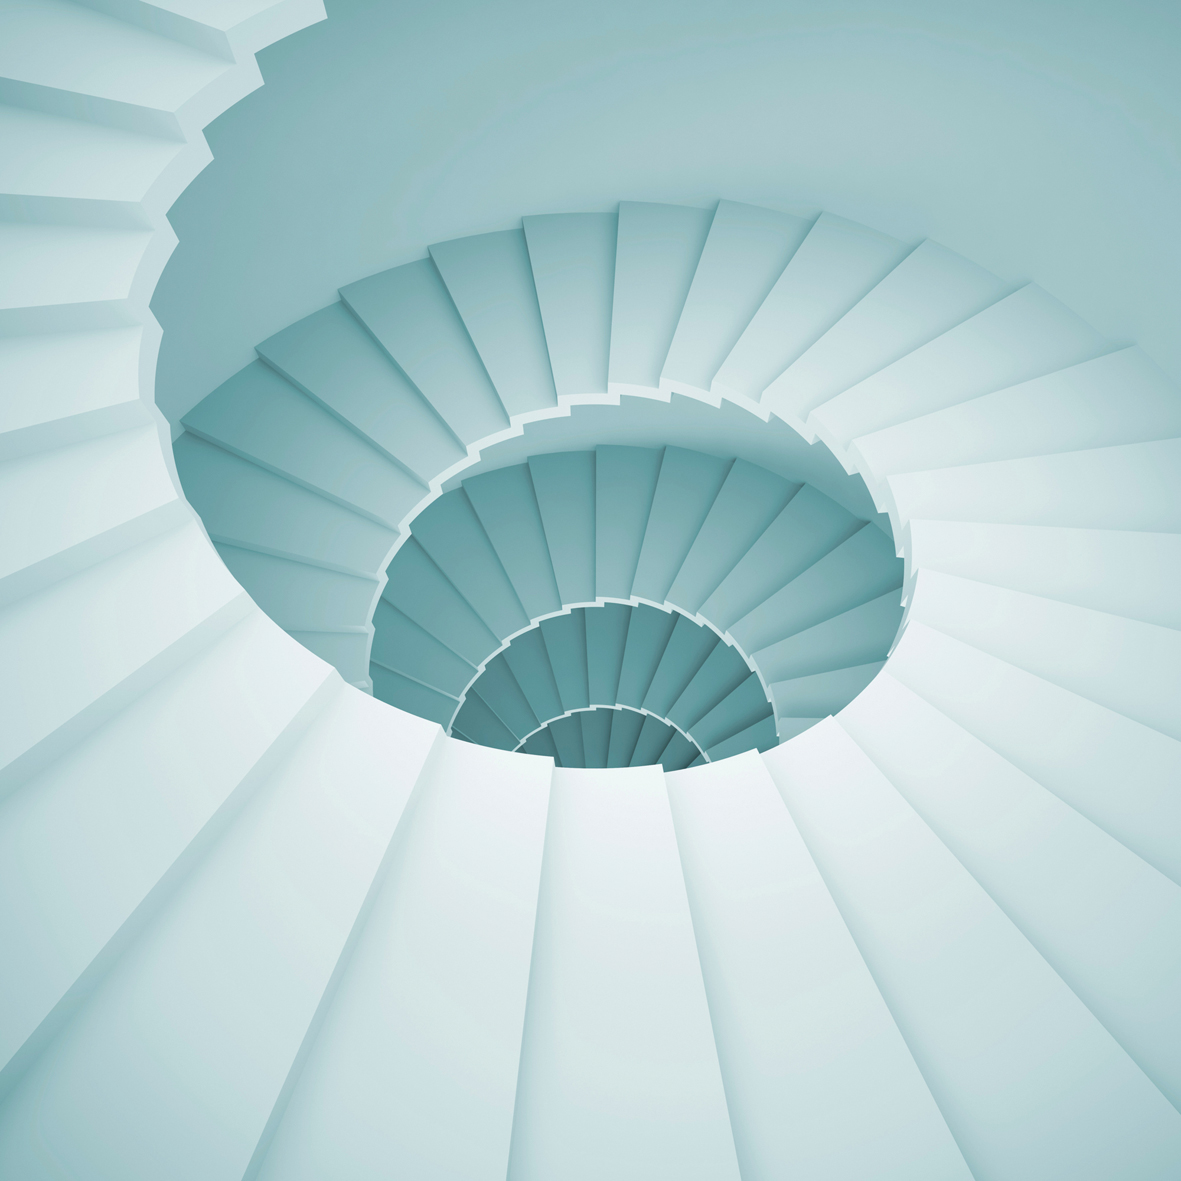 Escaliers Vosges: Des Escaliers Pour Tous Les étages « Lorraine Magazine